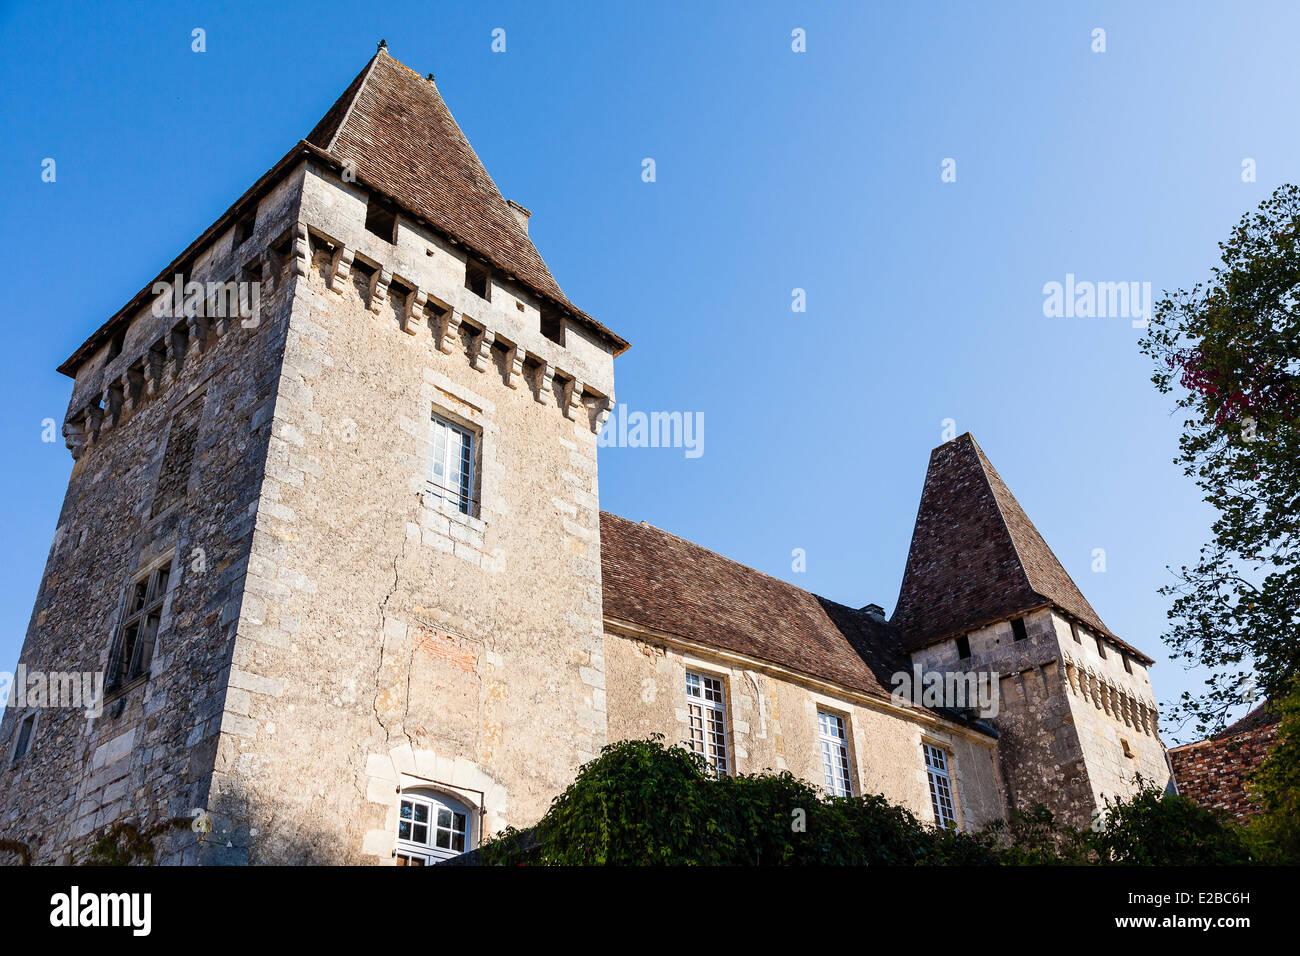 France, Dordogne, Perigord Vert, Saint Jean de Cole, labelled The Most Beautiful Villages of France, castle - Stock Image